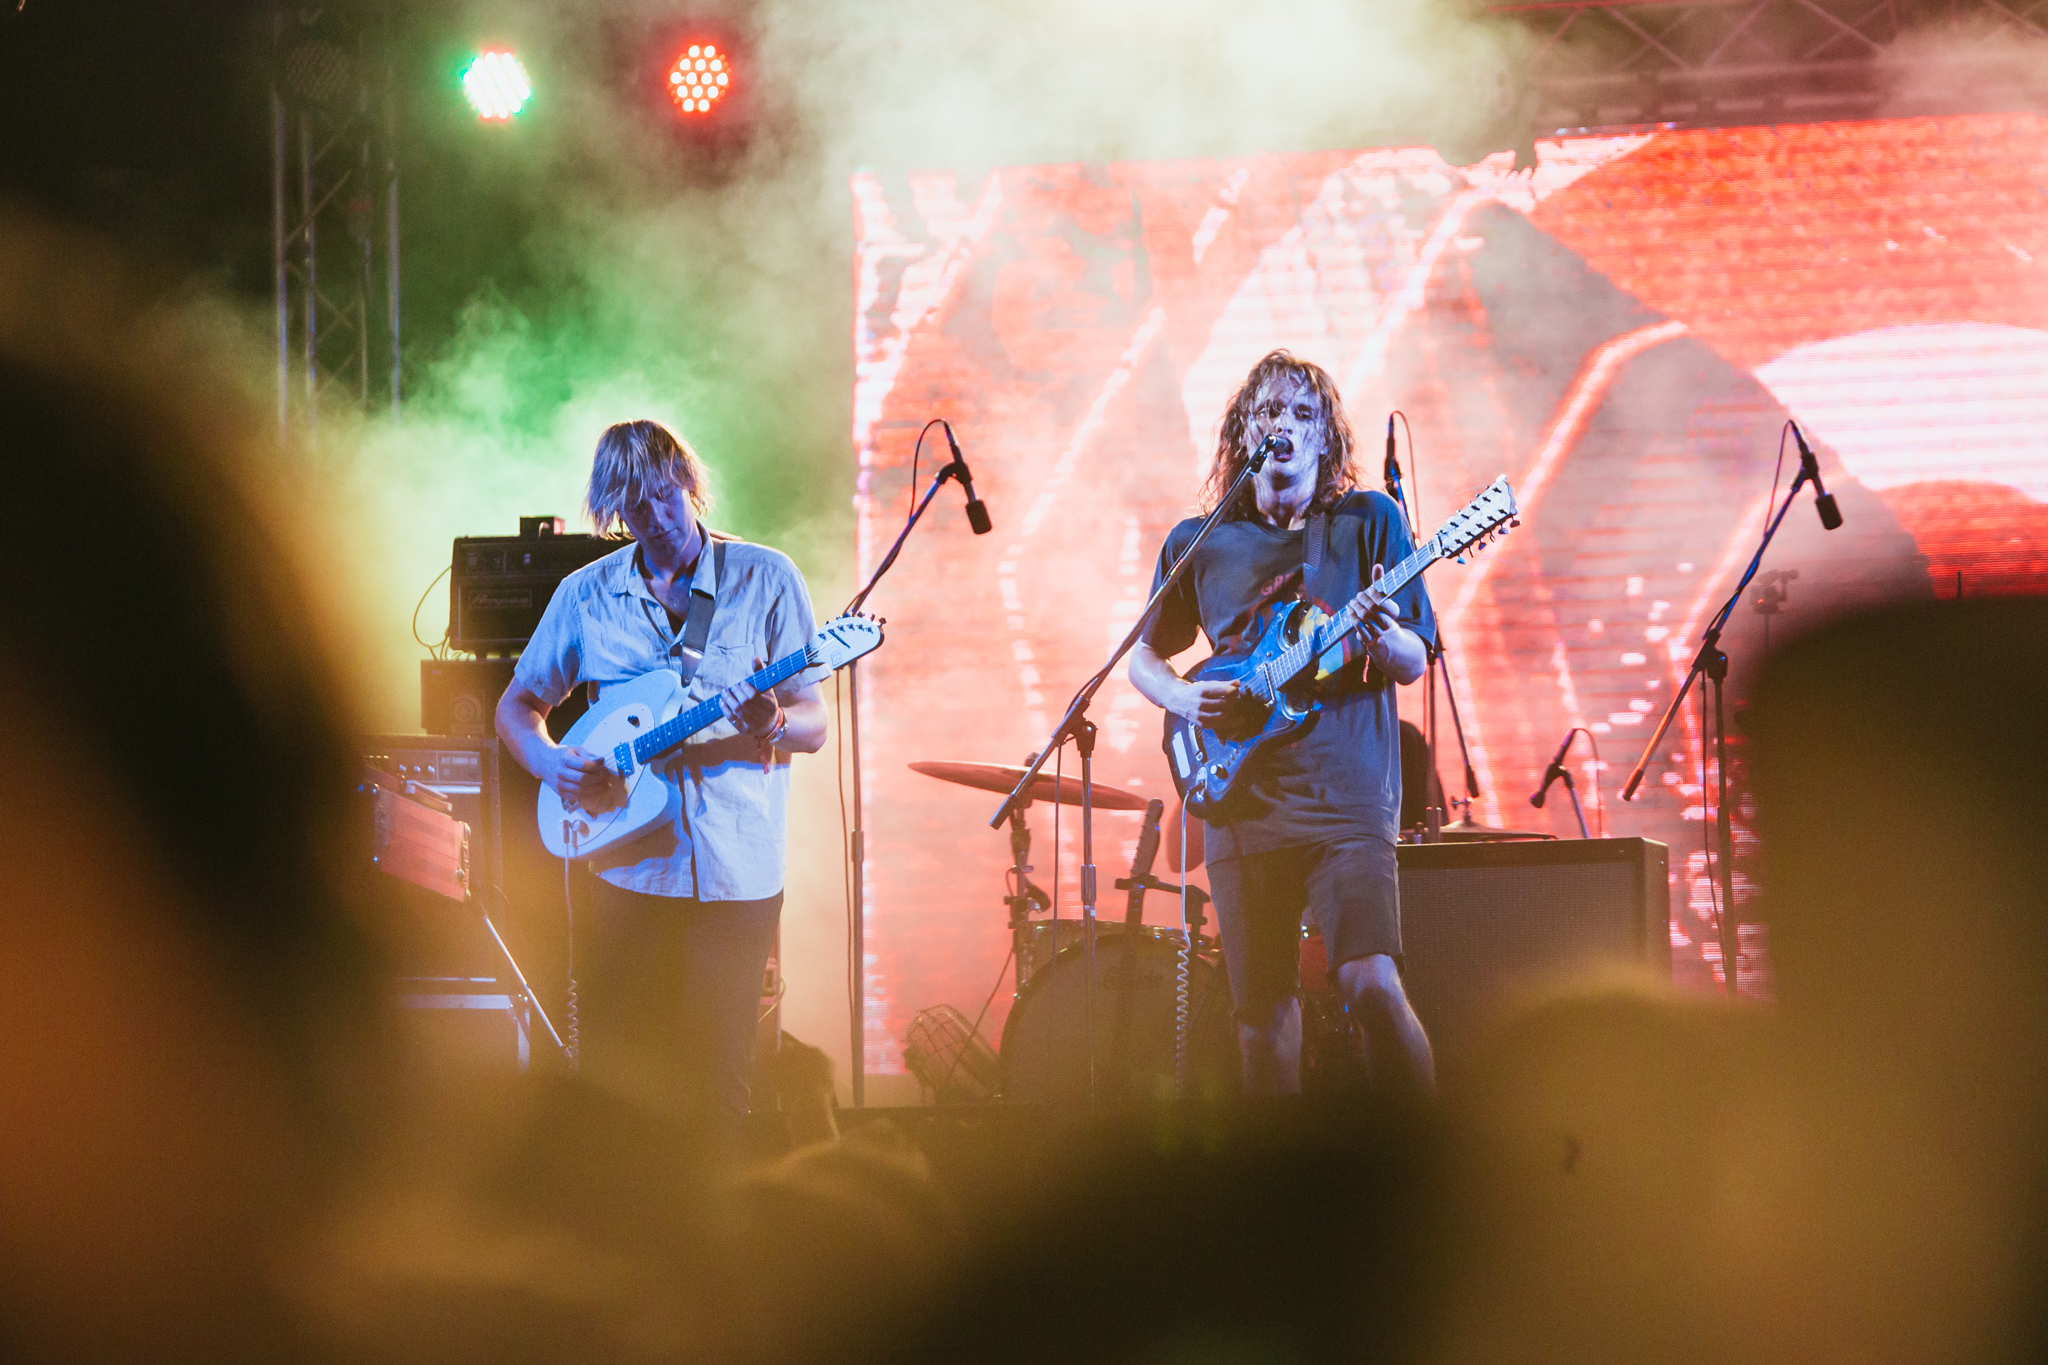 Mitch Lowe Photo - Gizzfest 2016 - King Gizzard & The Lizard Wizard-6012.jpg